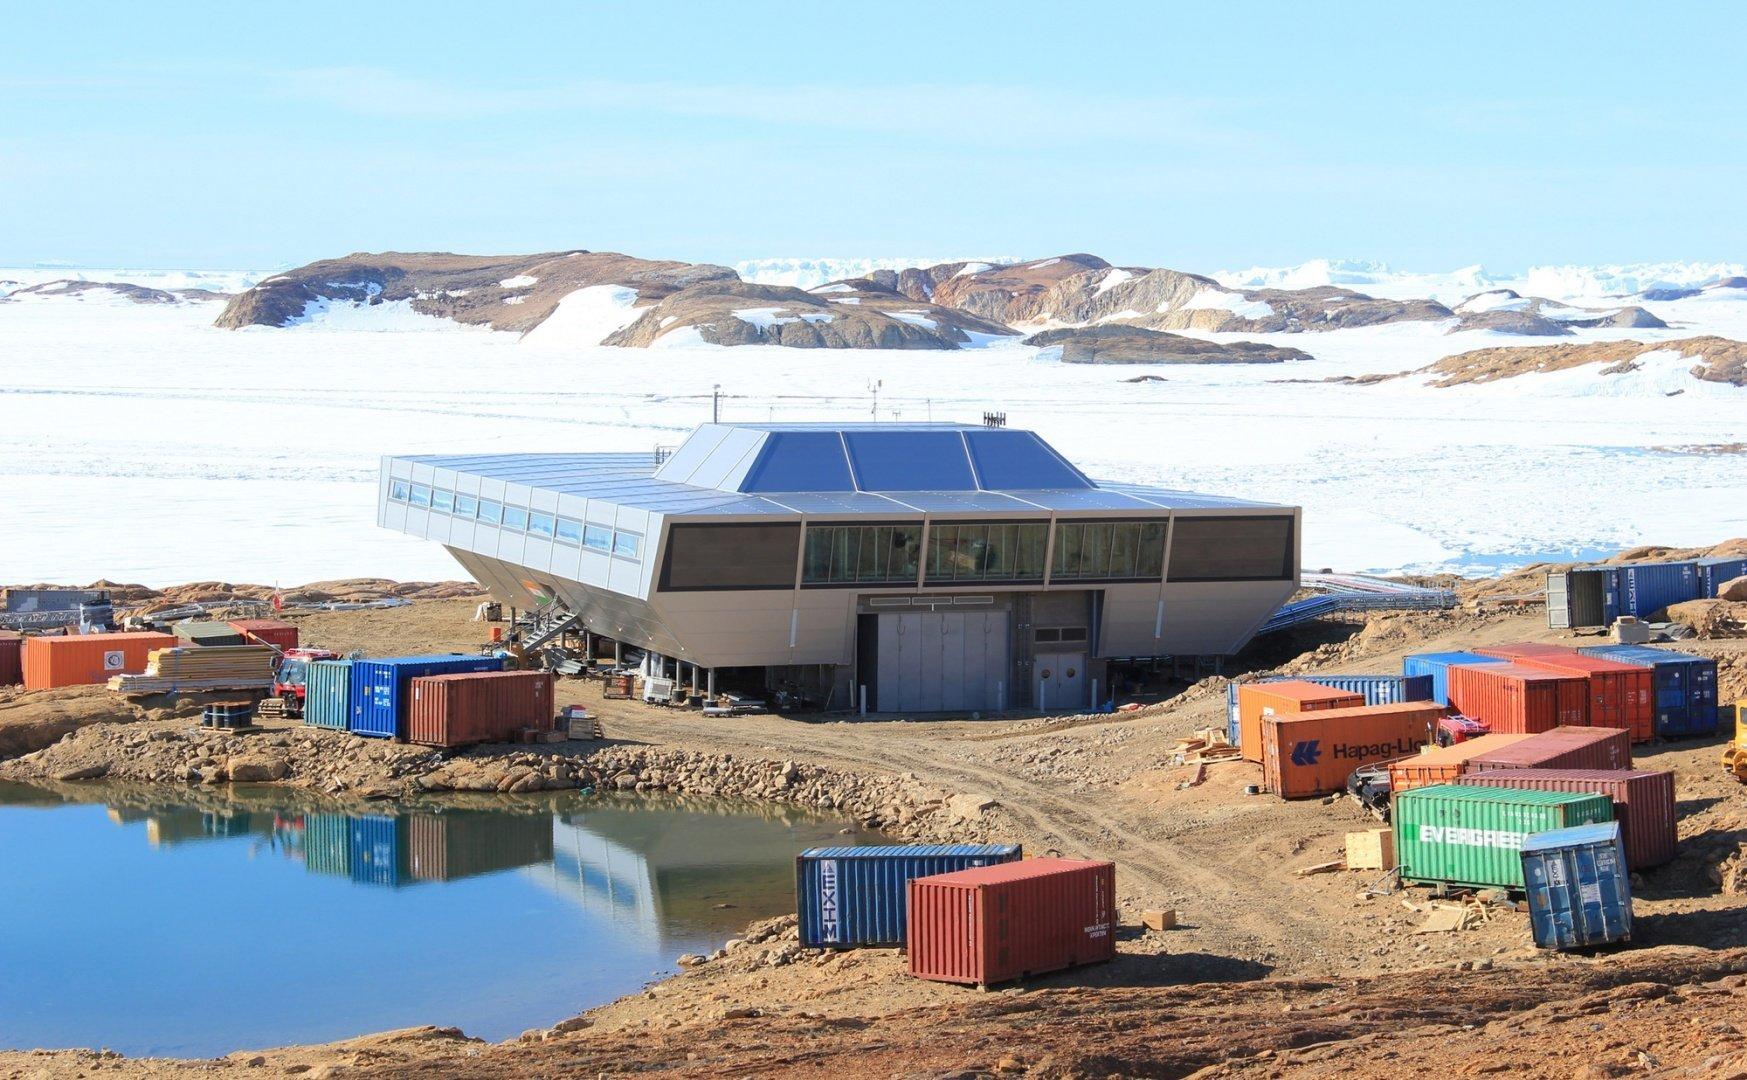 Картинки научных станций в антарктиде